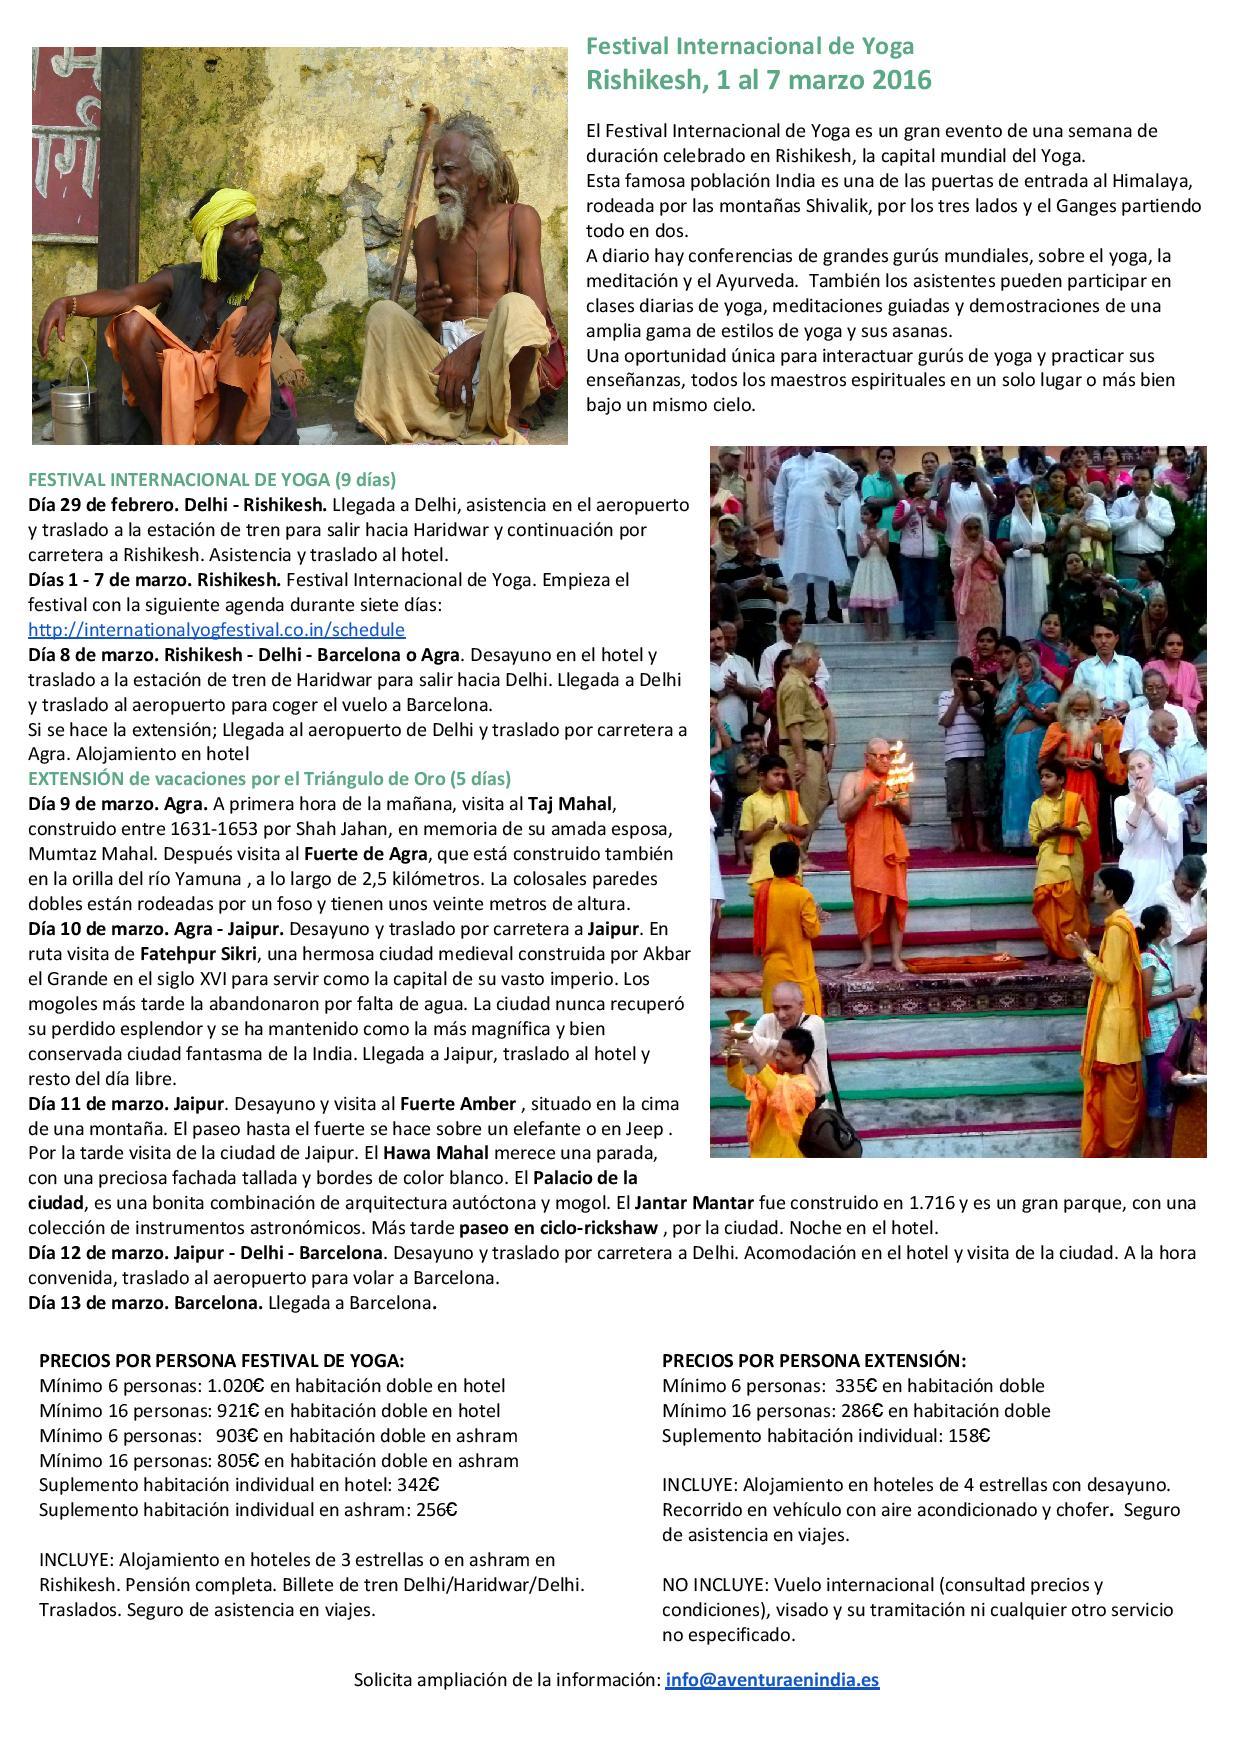 FestivalI nternacional de Yoga en Rishikesh